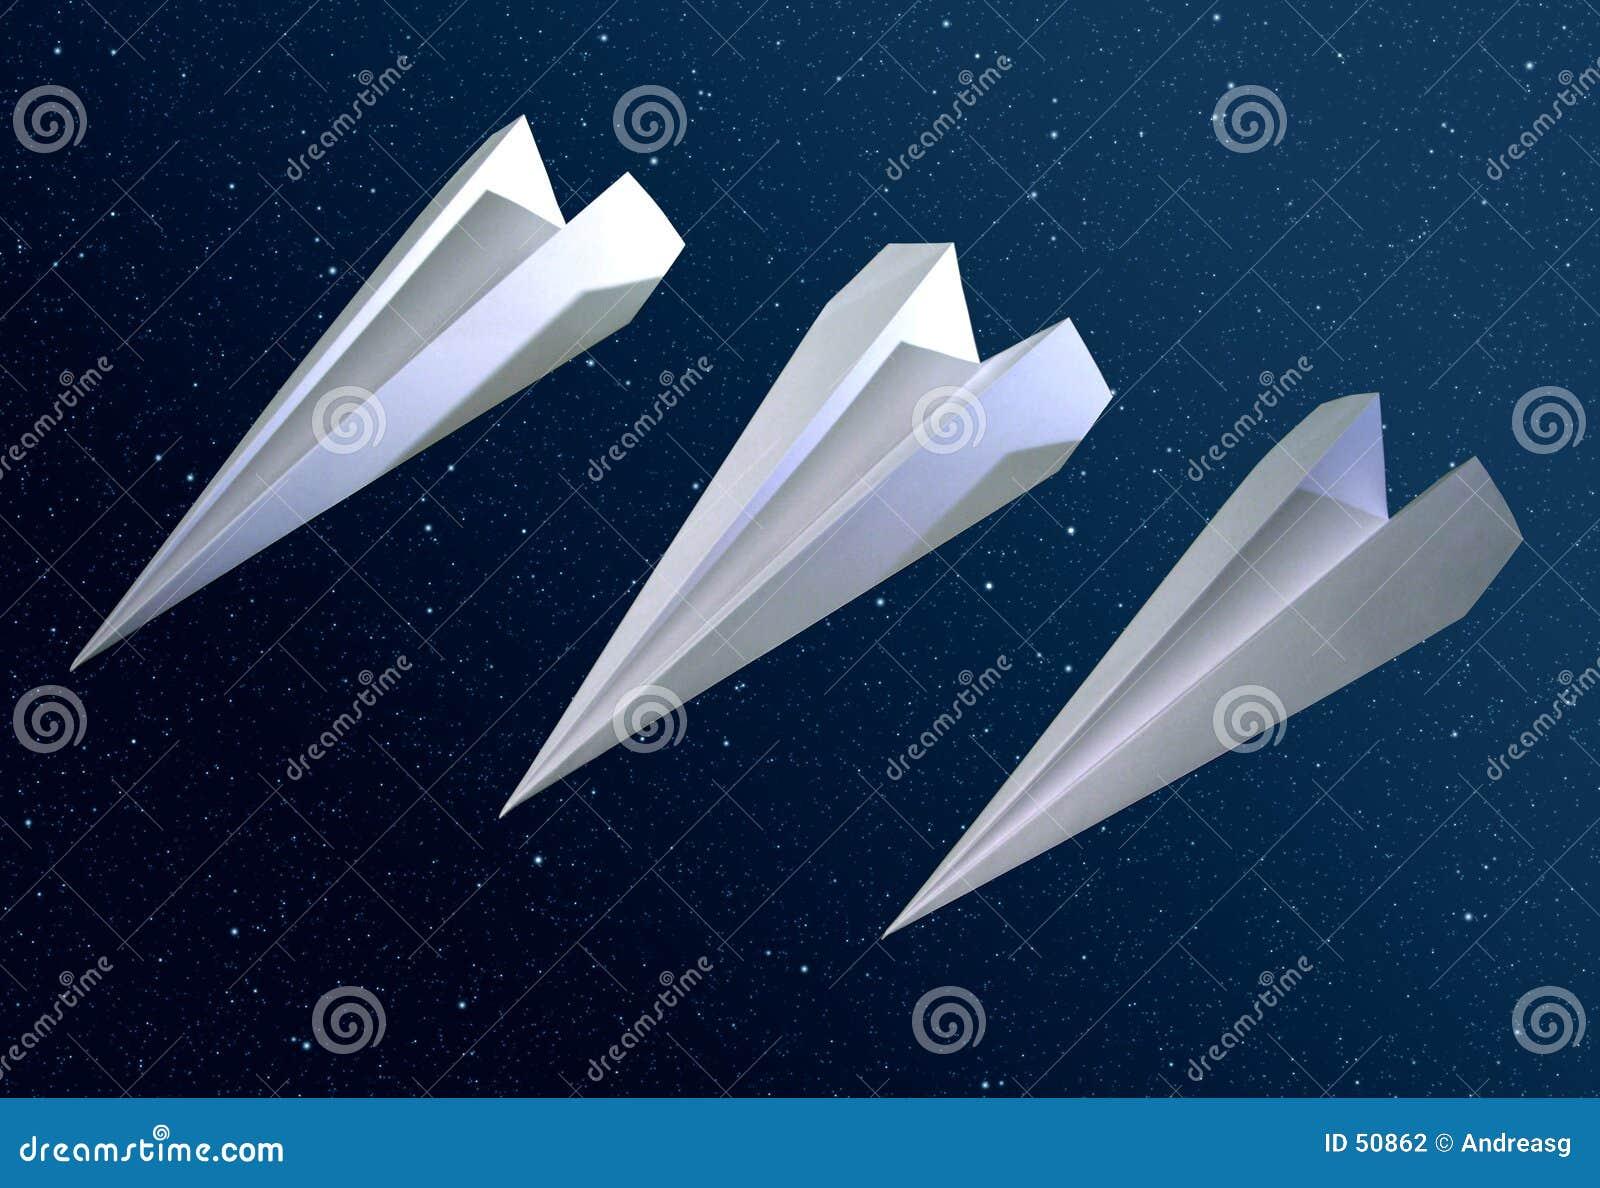 3 razzi di origami nello spazio